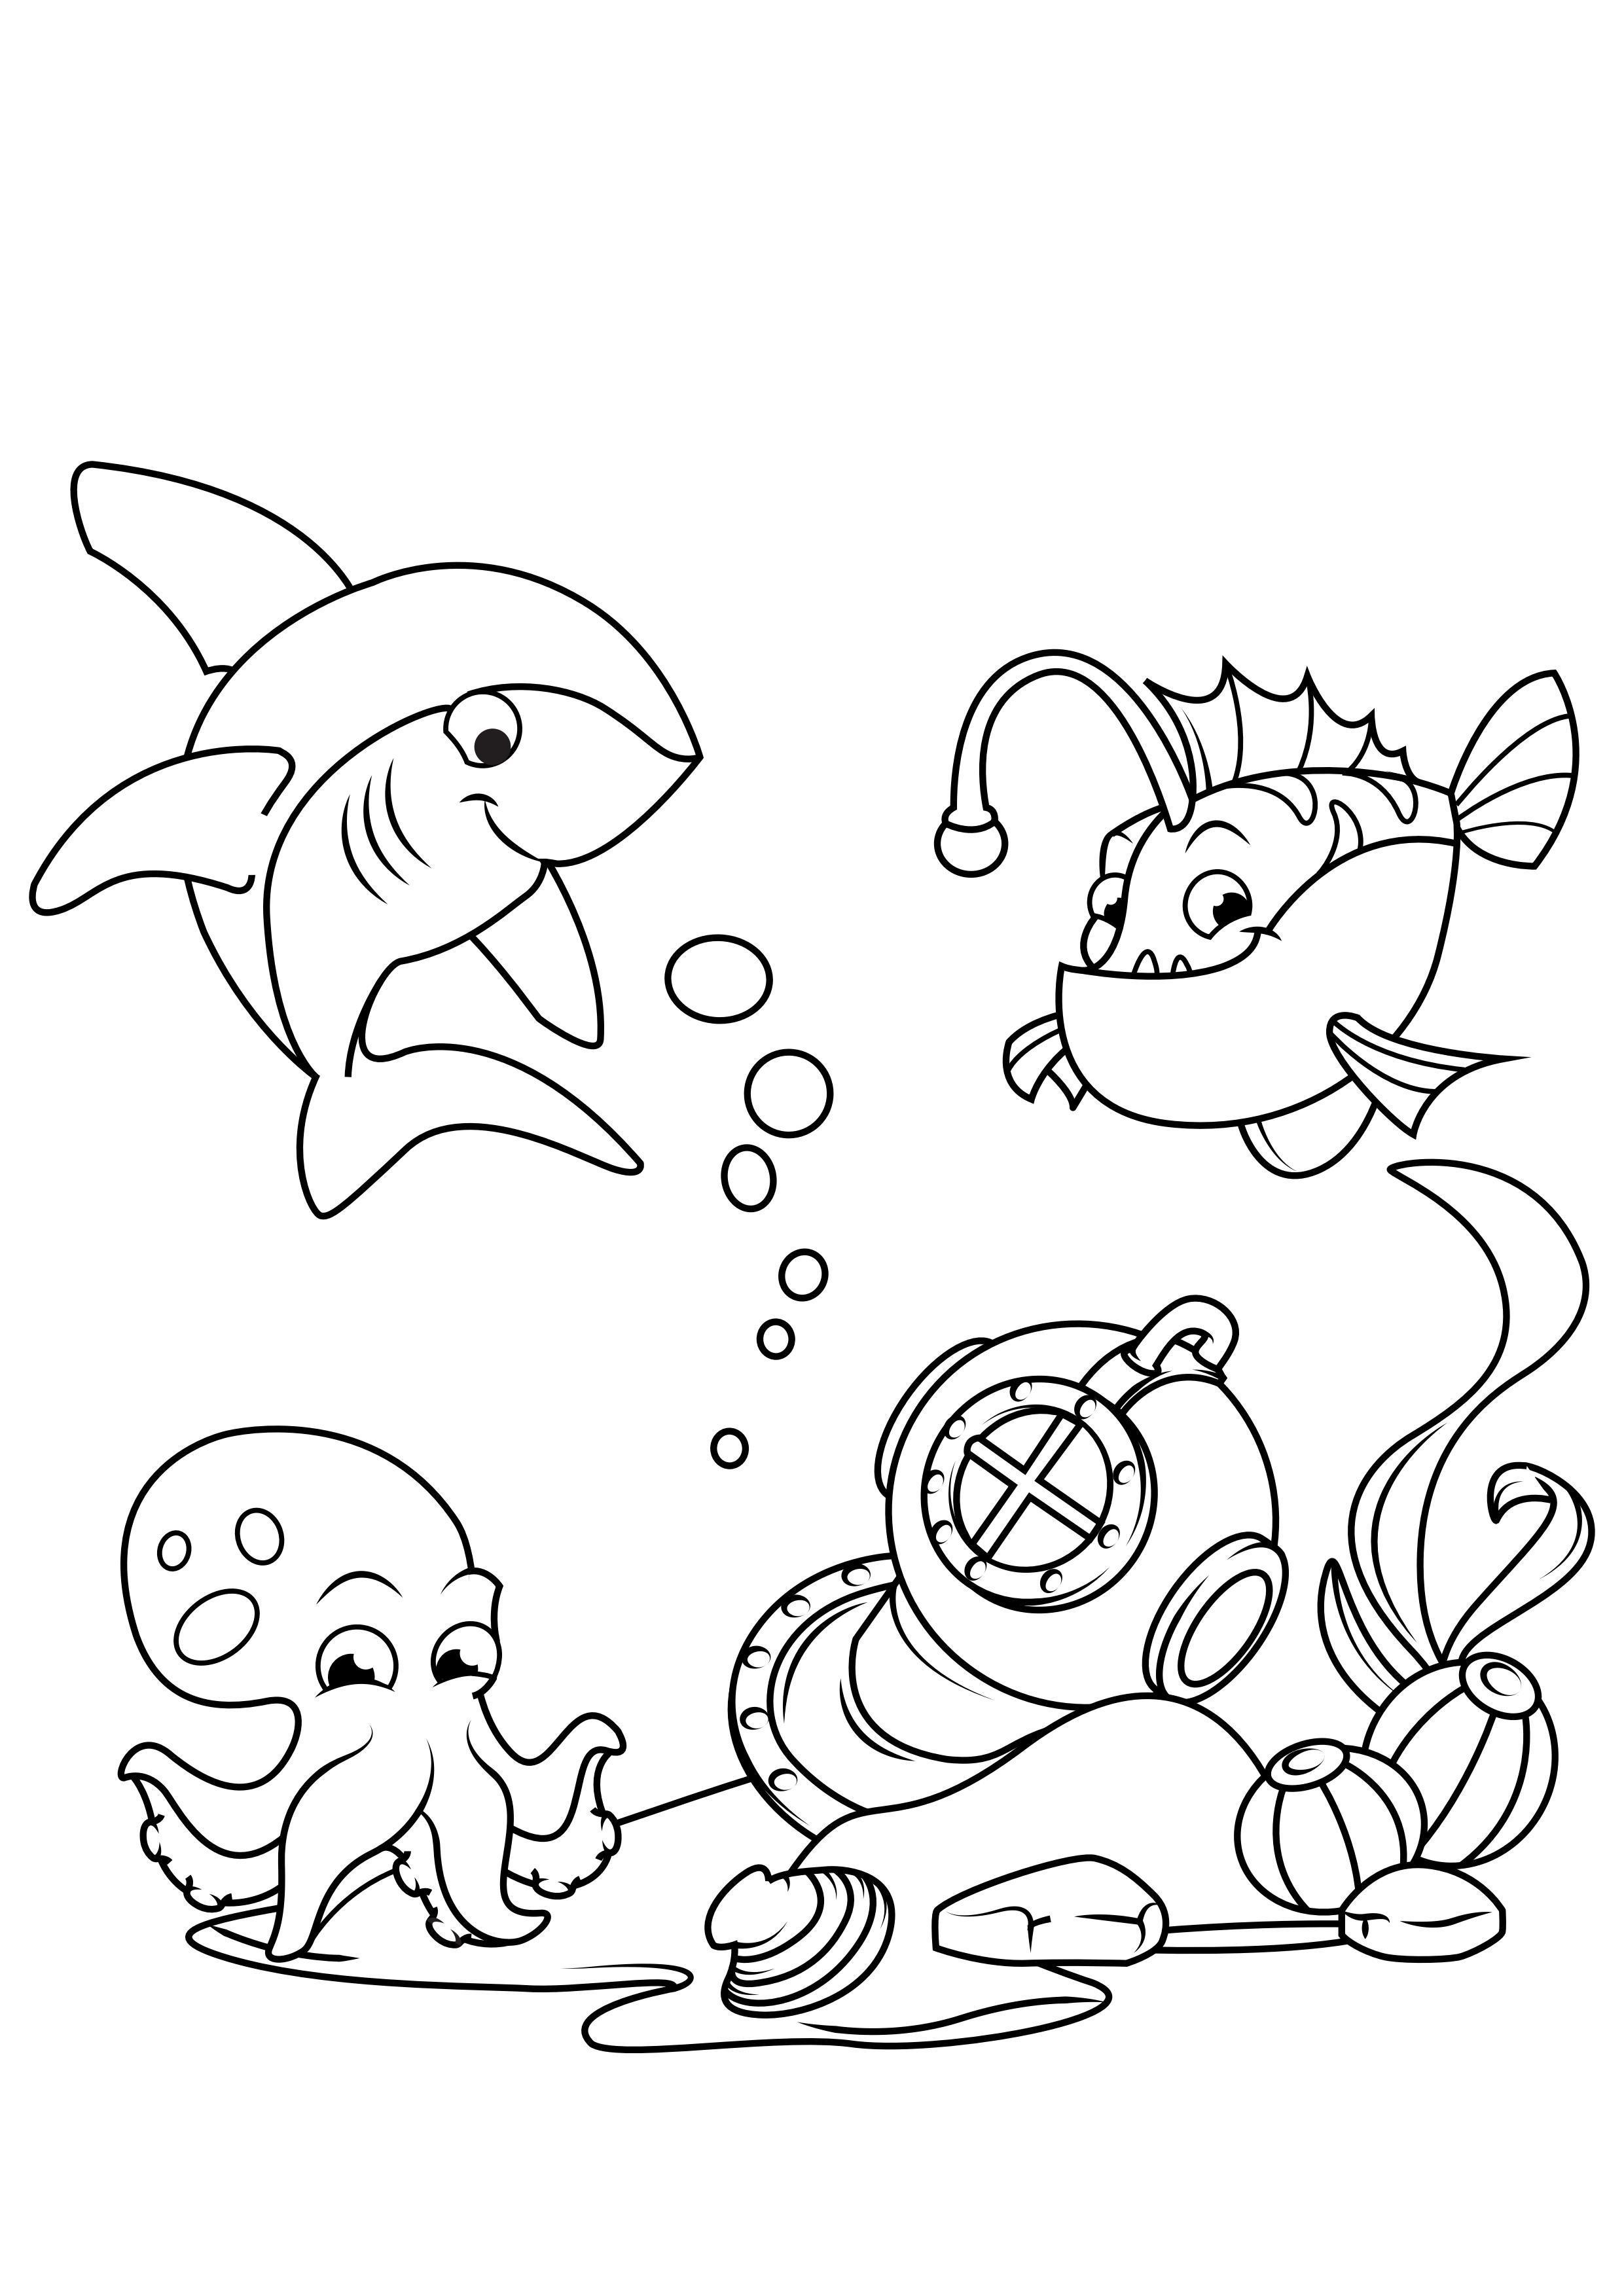 Malvorlage Hai mit Seeteufel und Tintenfisch im Meer - Kostenlose